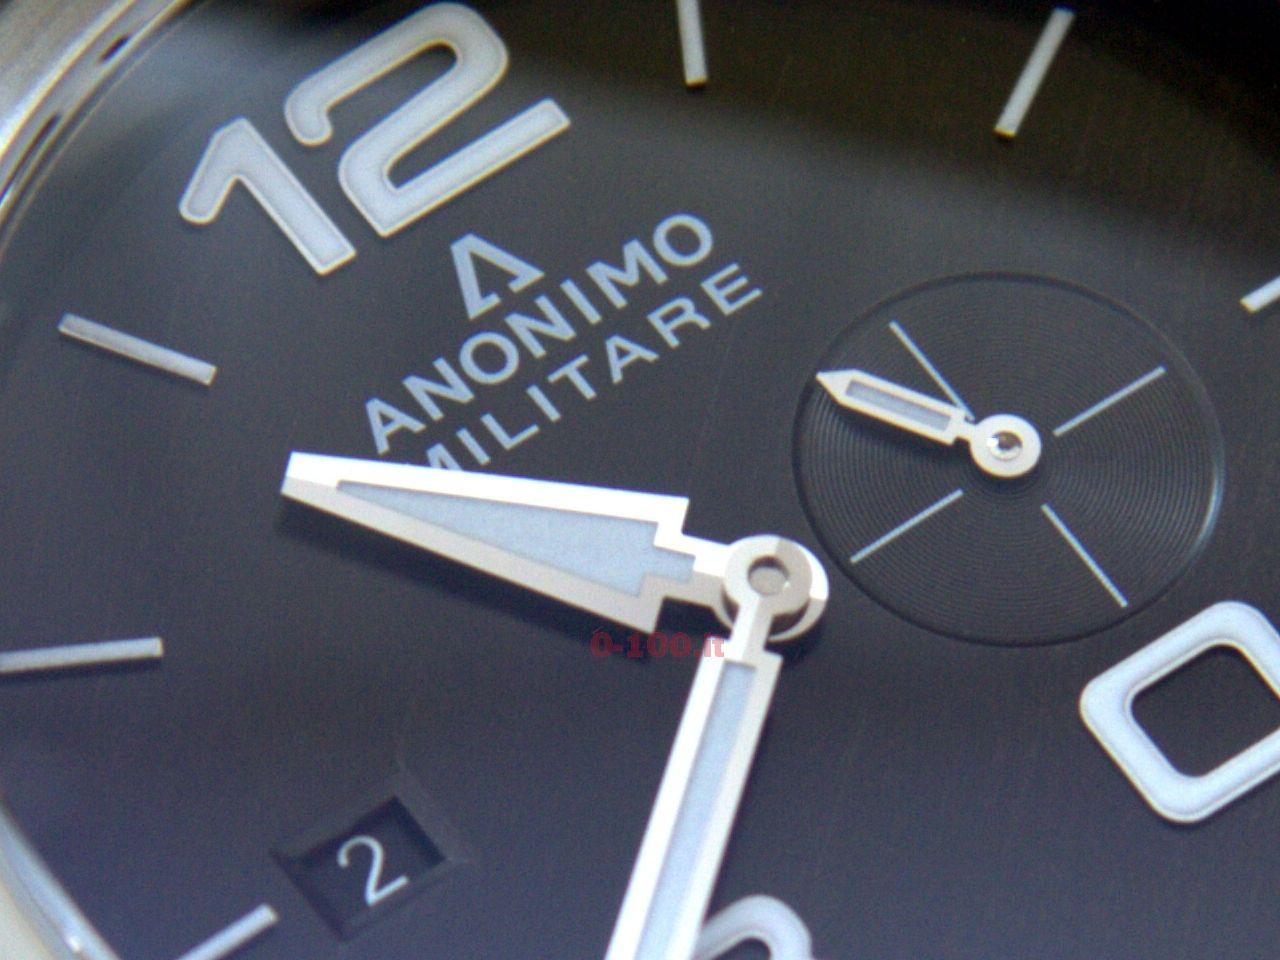 anonimo_militare-nautilo-chrono-date-bronze-prezzo-price-negozi-dealer-0-100_31